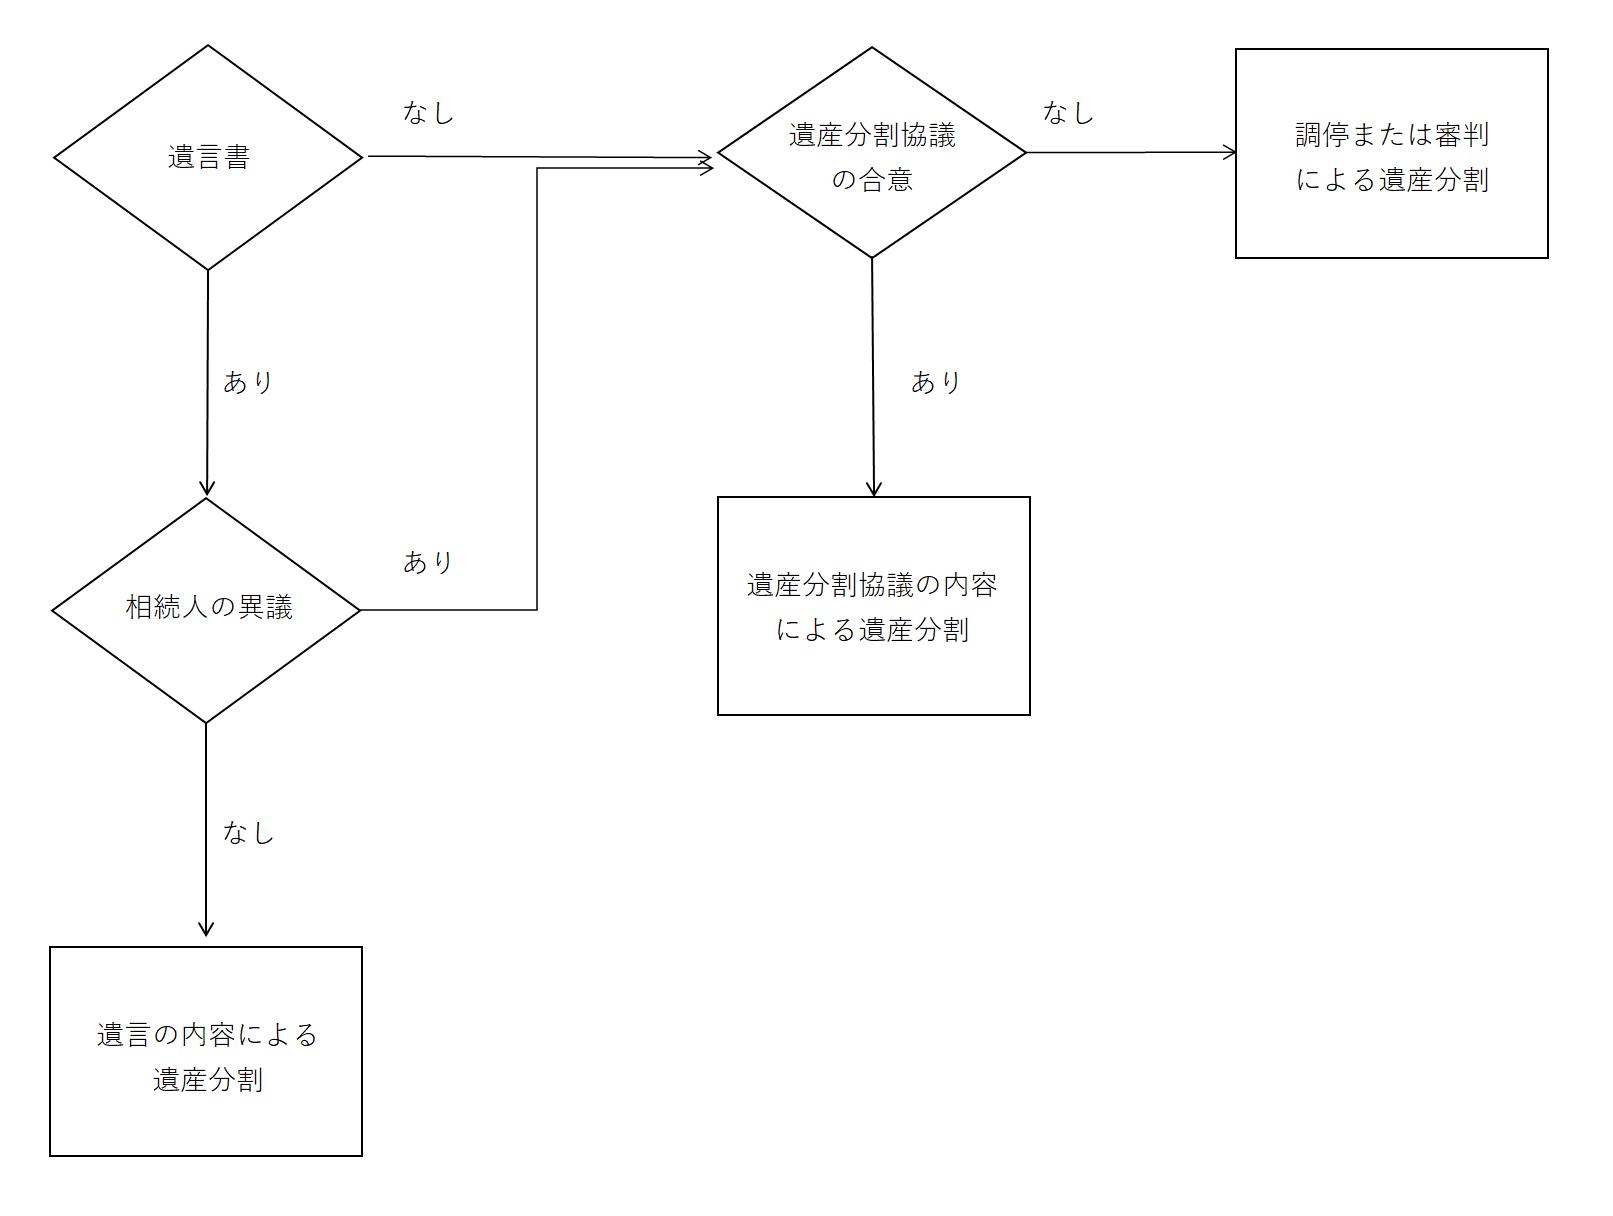 分割方法の流れについてフローチャートにより分かりやすく図解した画像